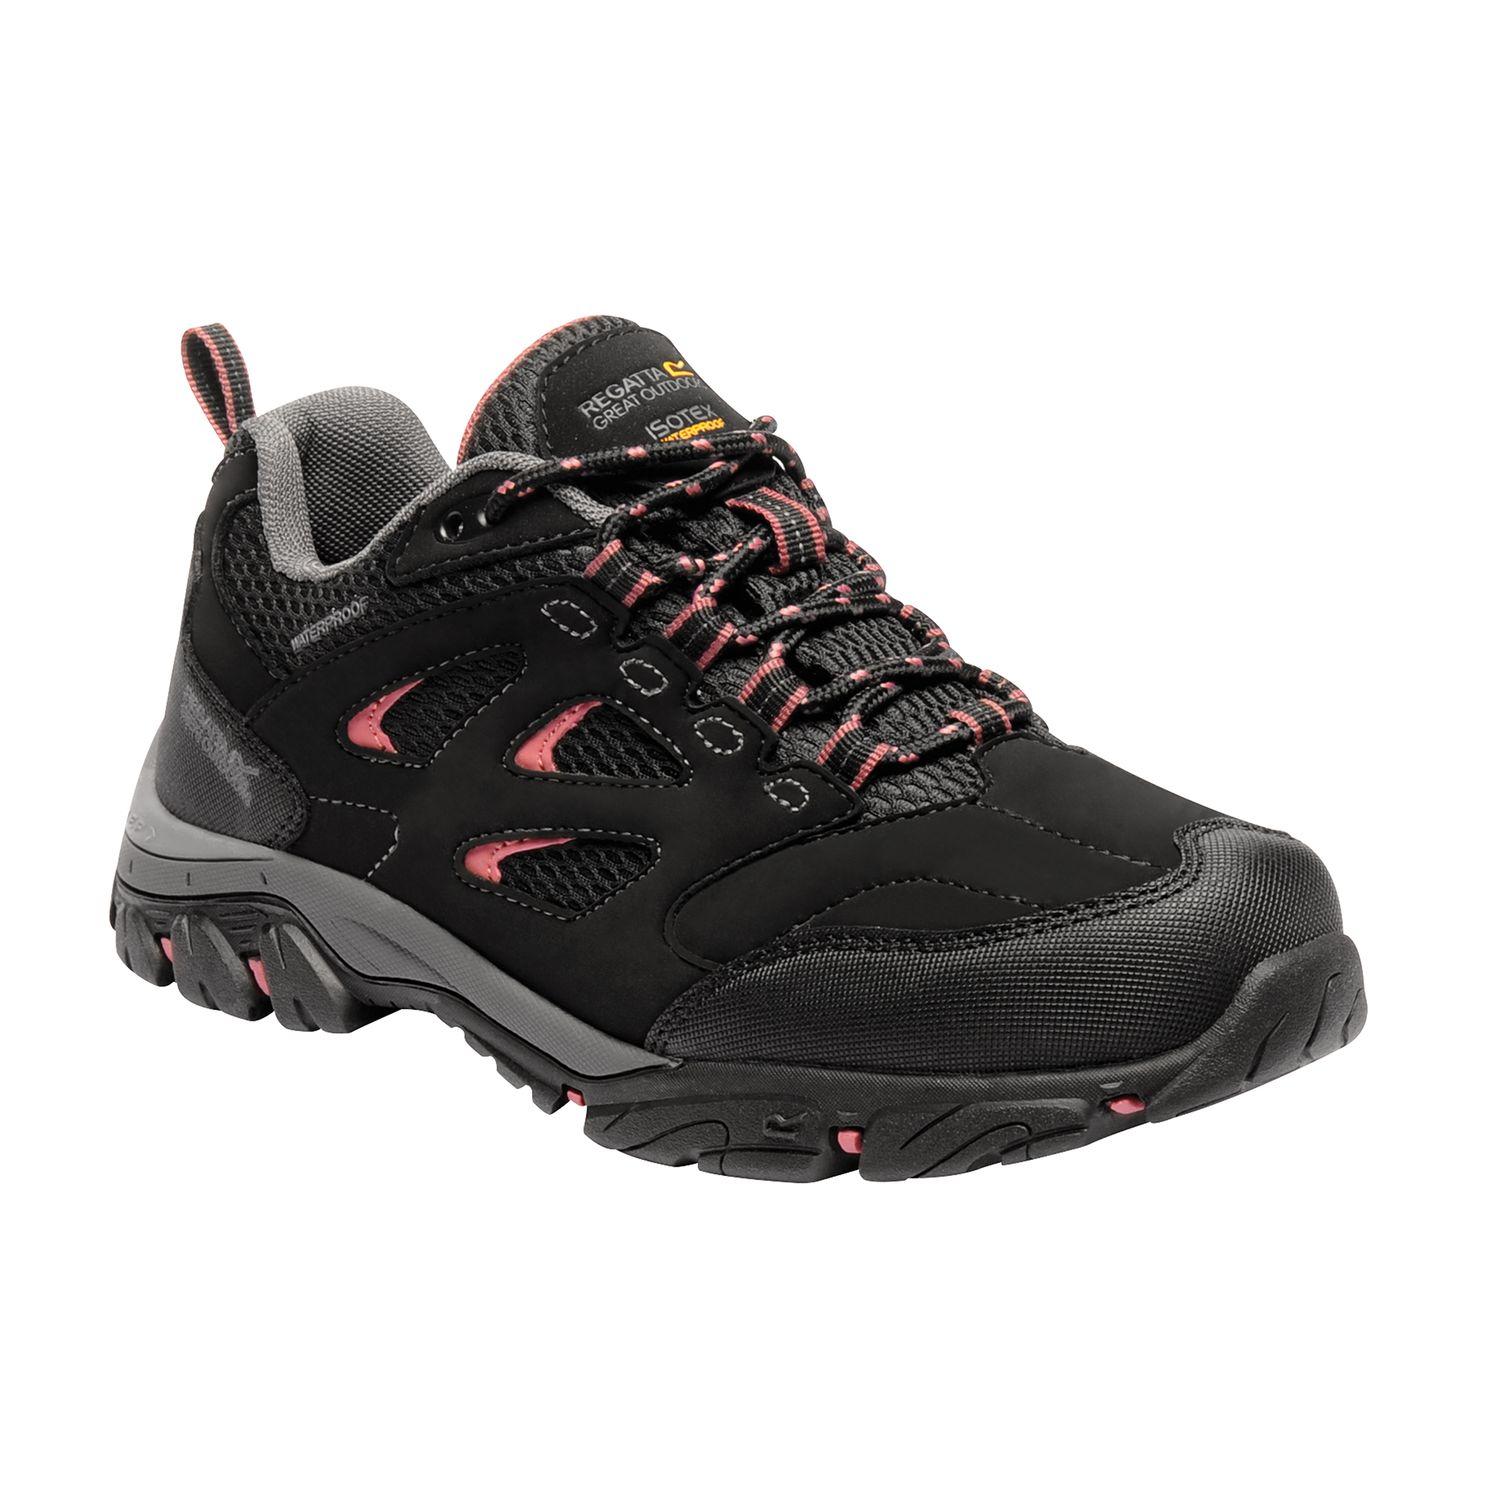 Women's black walking shoe with pink detailing.